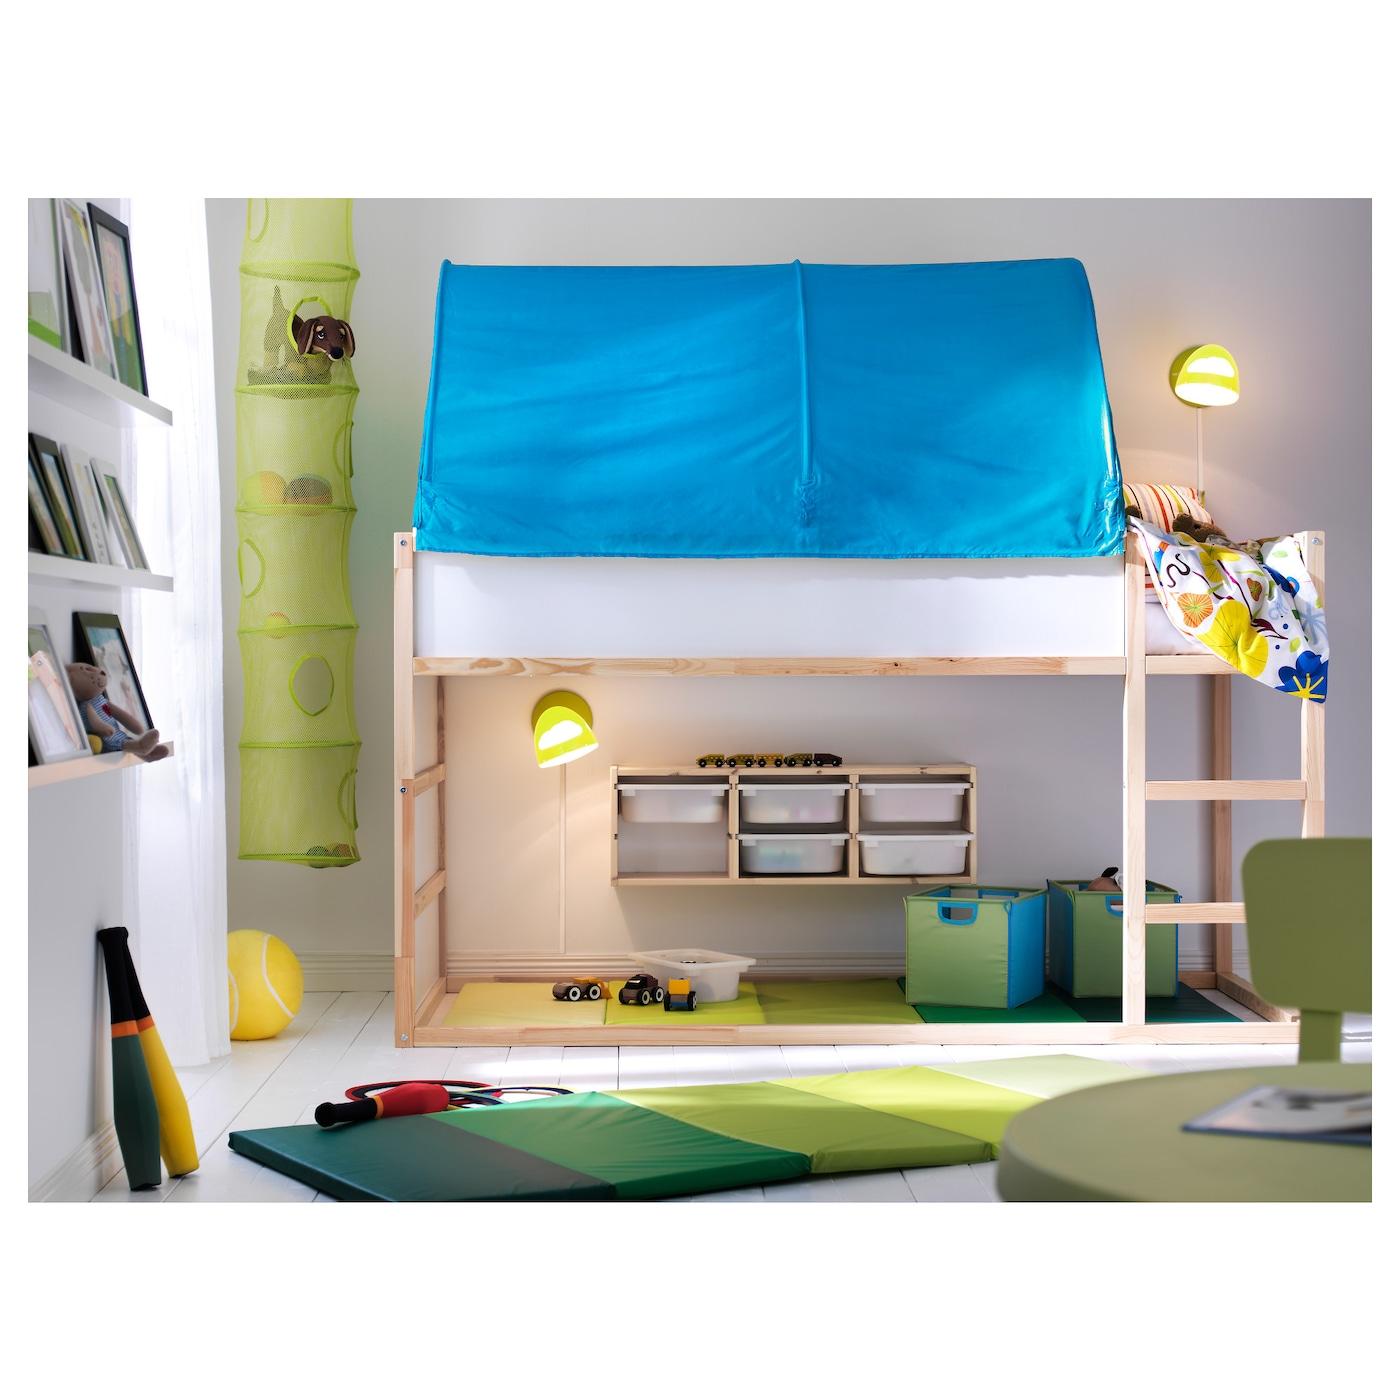 ikea kura tente pour lit convient au lit en position basse ou haute - Tente De Lit